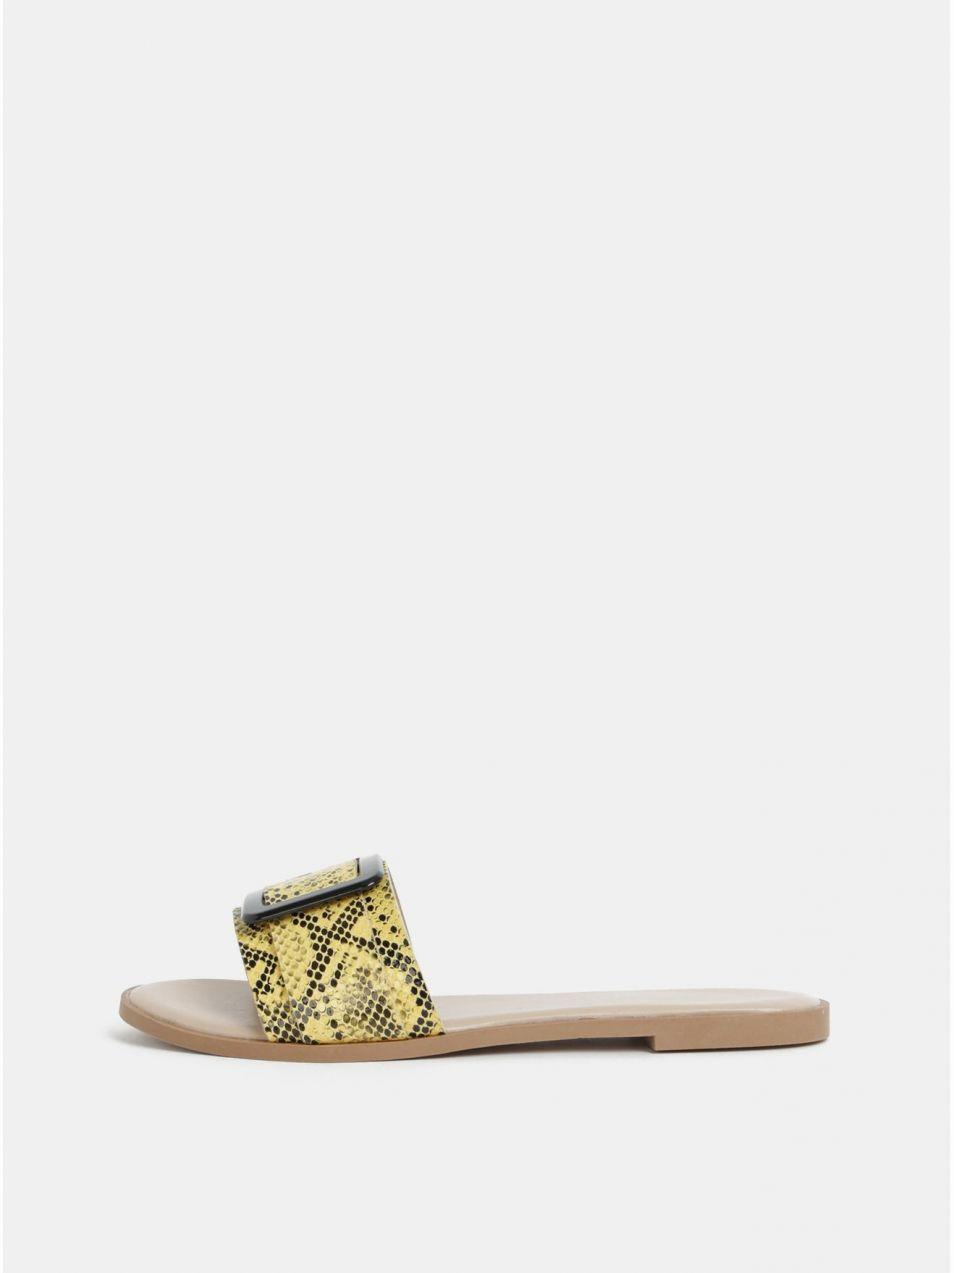 cbe0739fb6bc Žlté šľapky s hadím vzorom Dorothy Perkins značky Dorothy Perkins ...